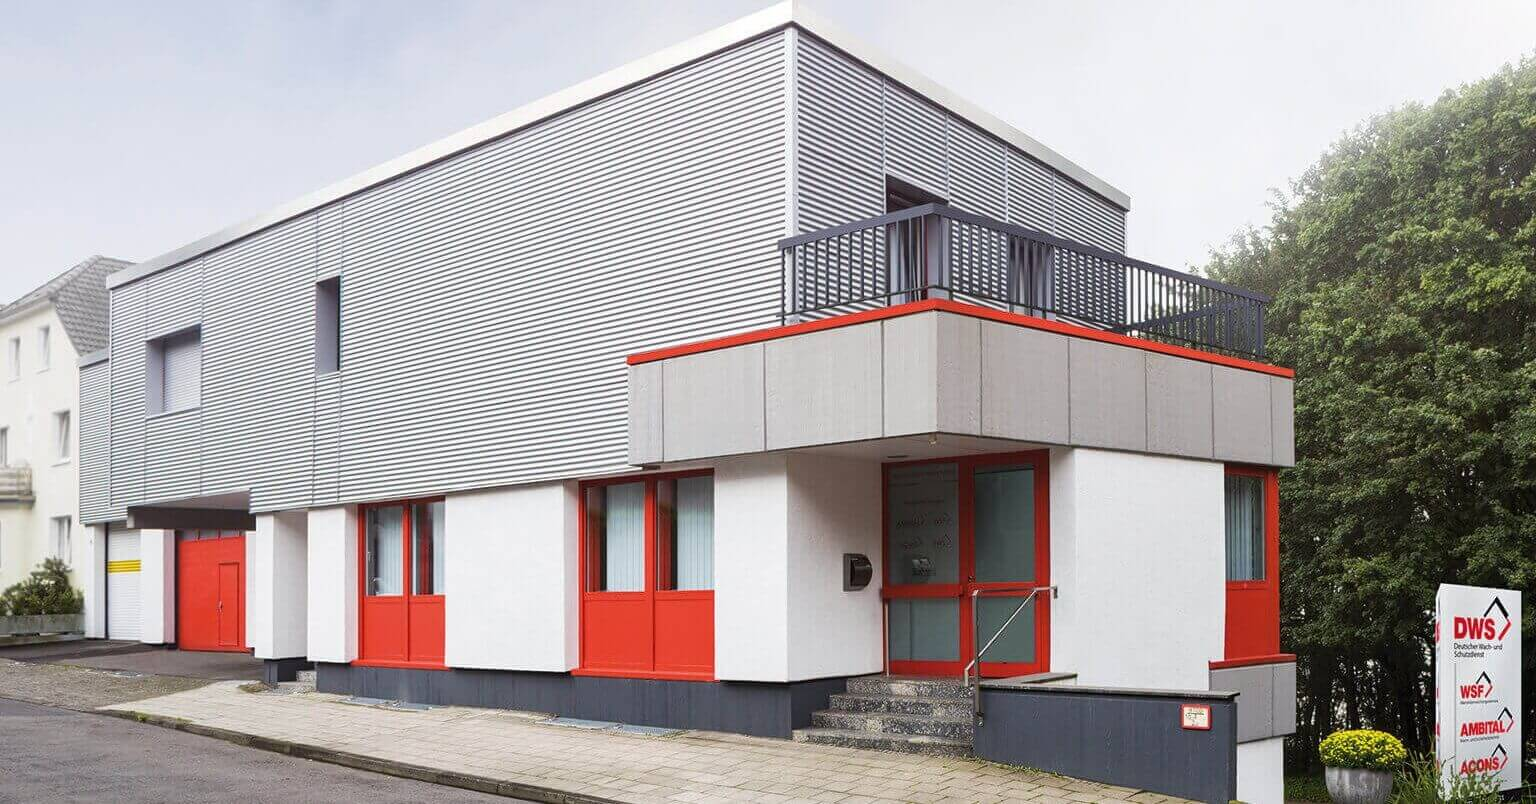 DWS Deutscher Wach- und Schutzdienst GmbH